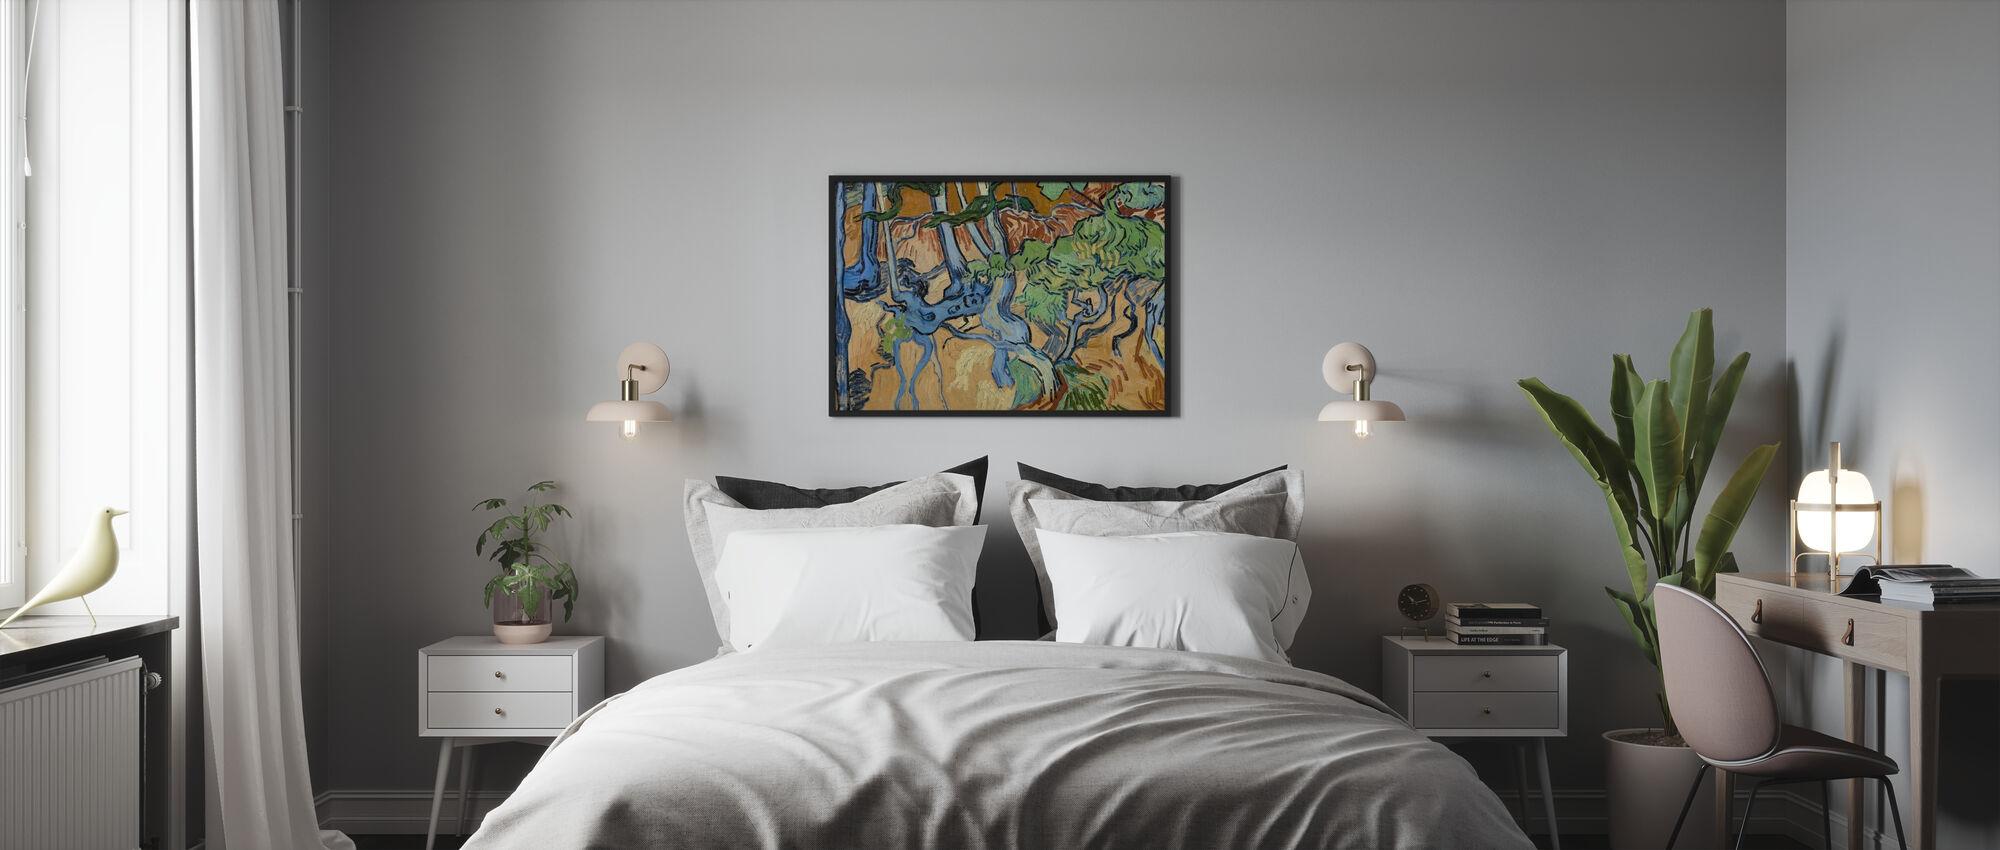 Boomwortels - Vincent Van Gogh - Poster - Slaapkamer